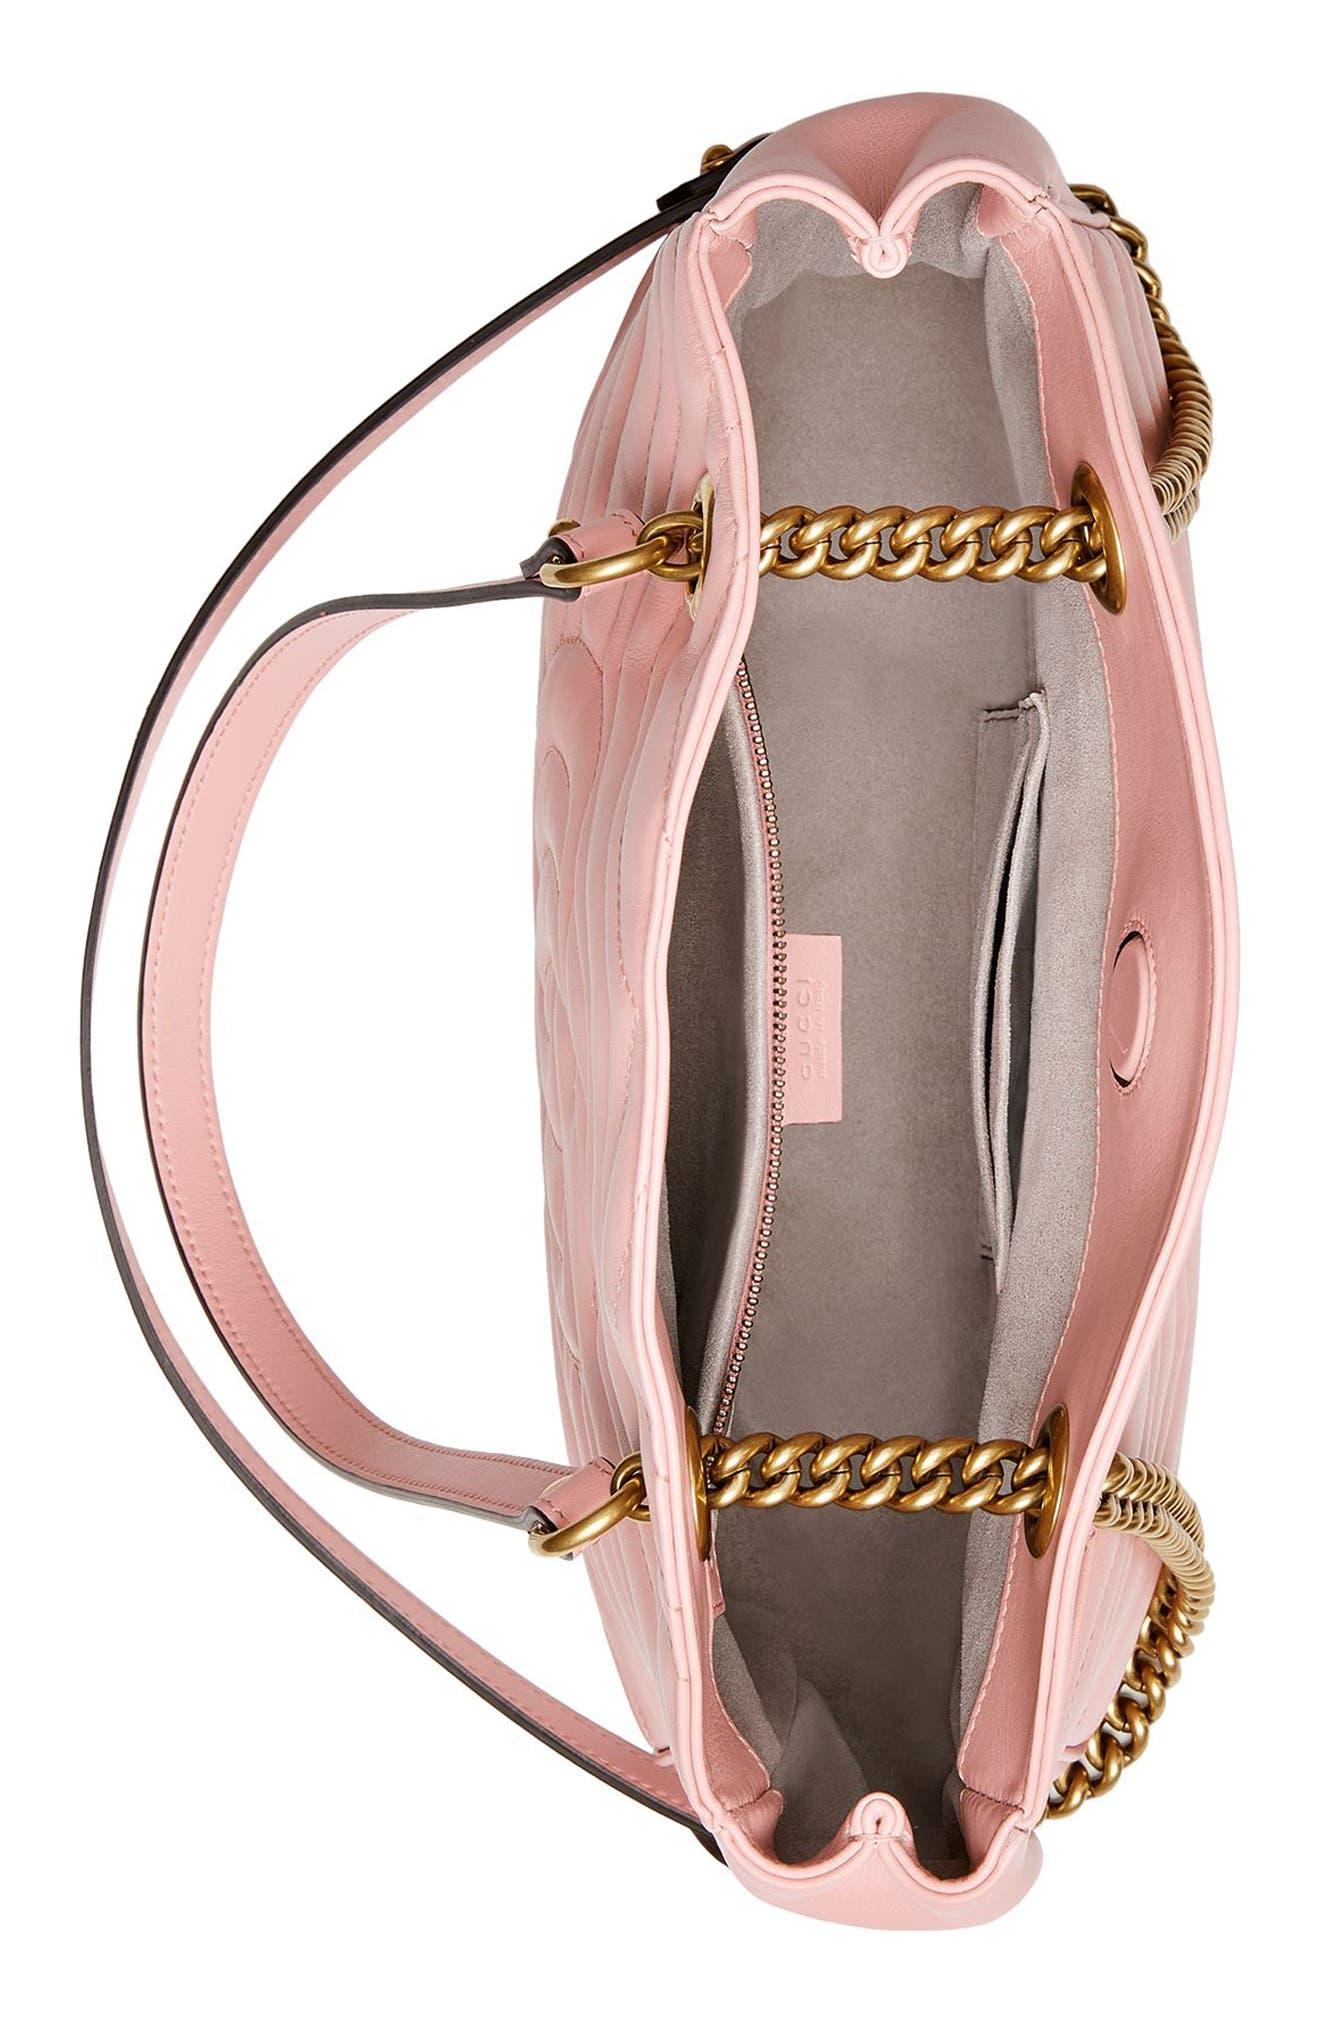 GG Marmont Matelassé Leather Shoulder Bag,                             Alternate thumbnail 6, color,